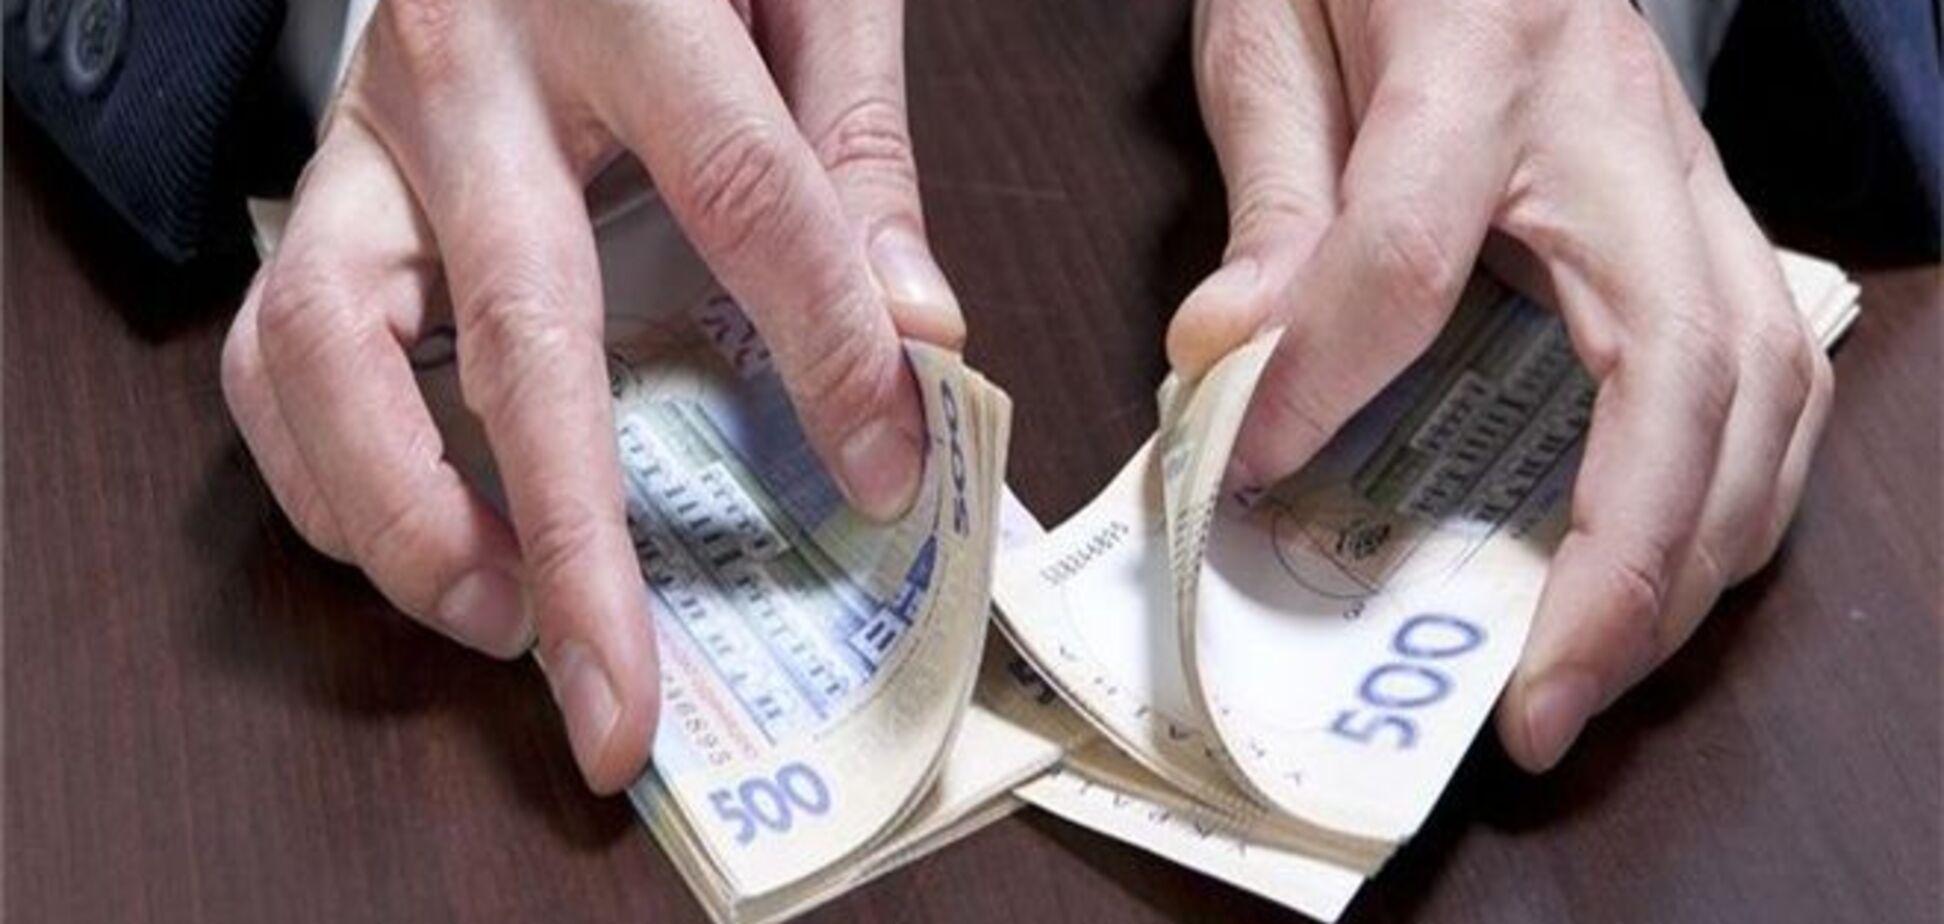 Коррупция в судах Киева: за что и сколько берут судьи